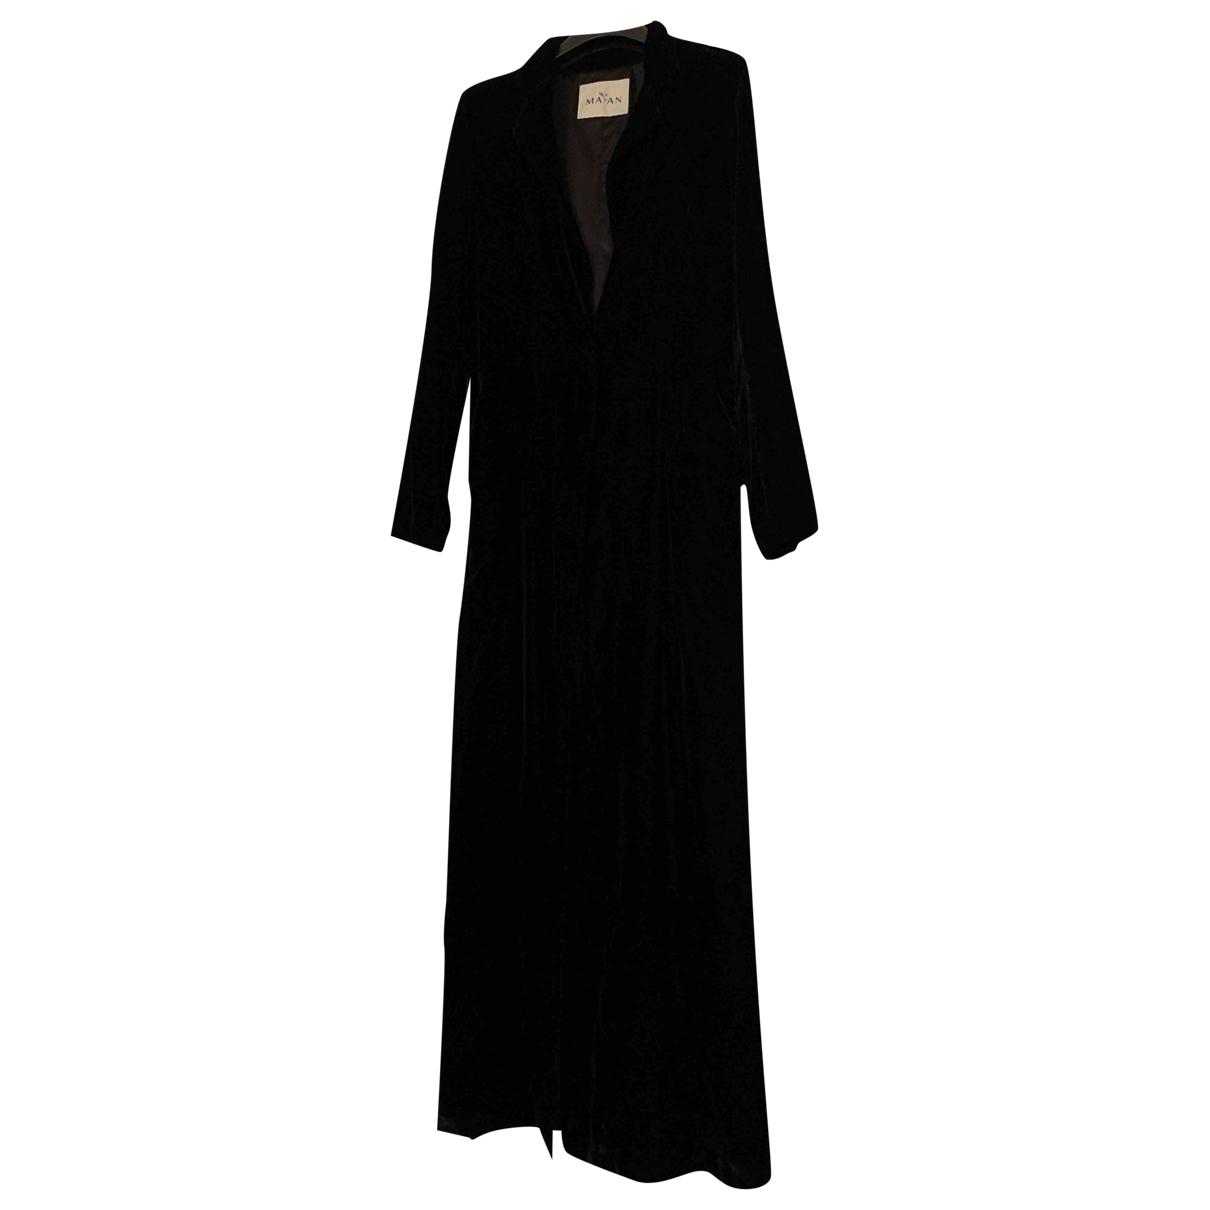 Maan - Manteau   pour femme en velours - noir